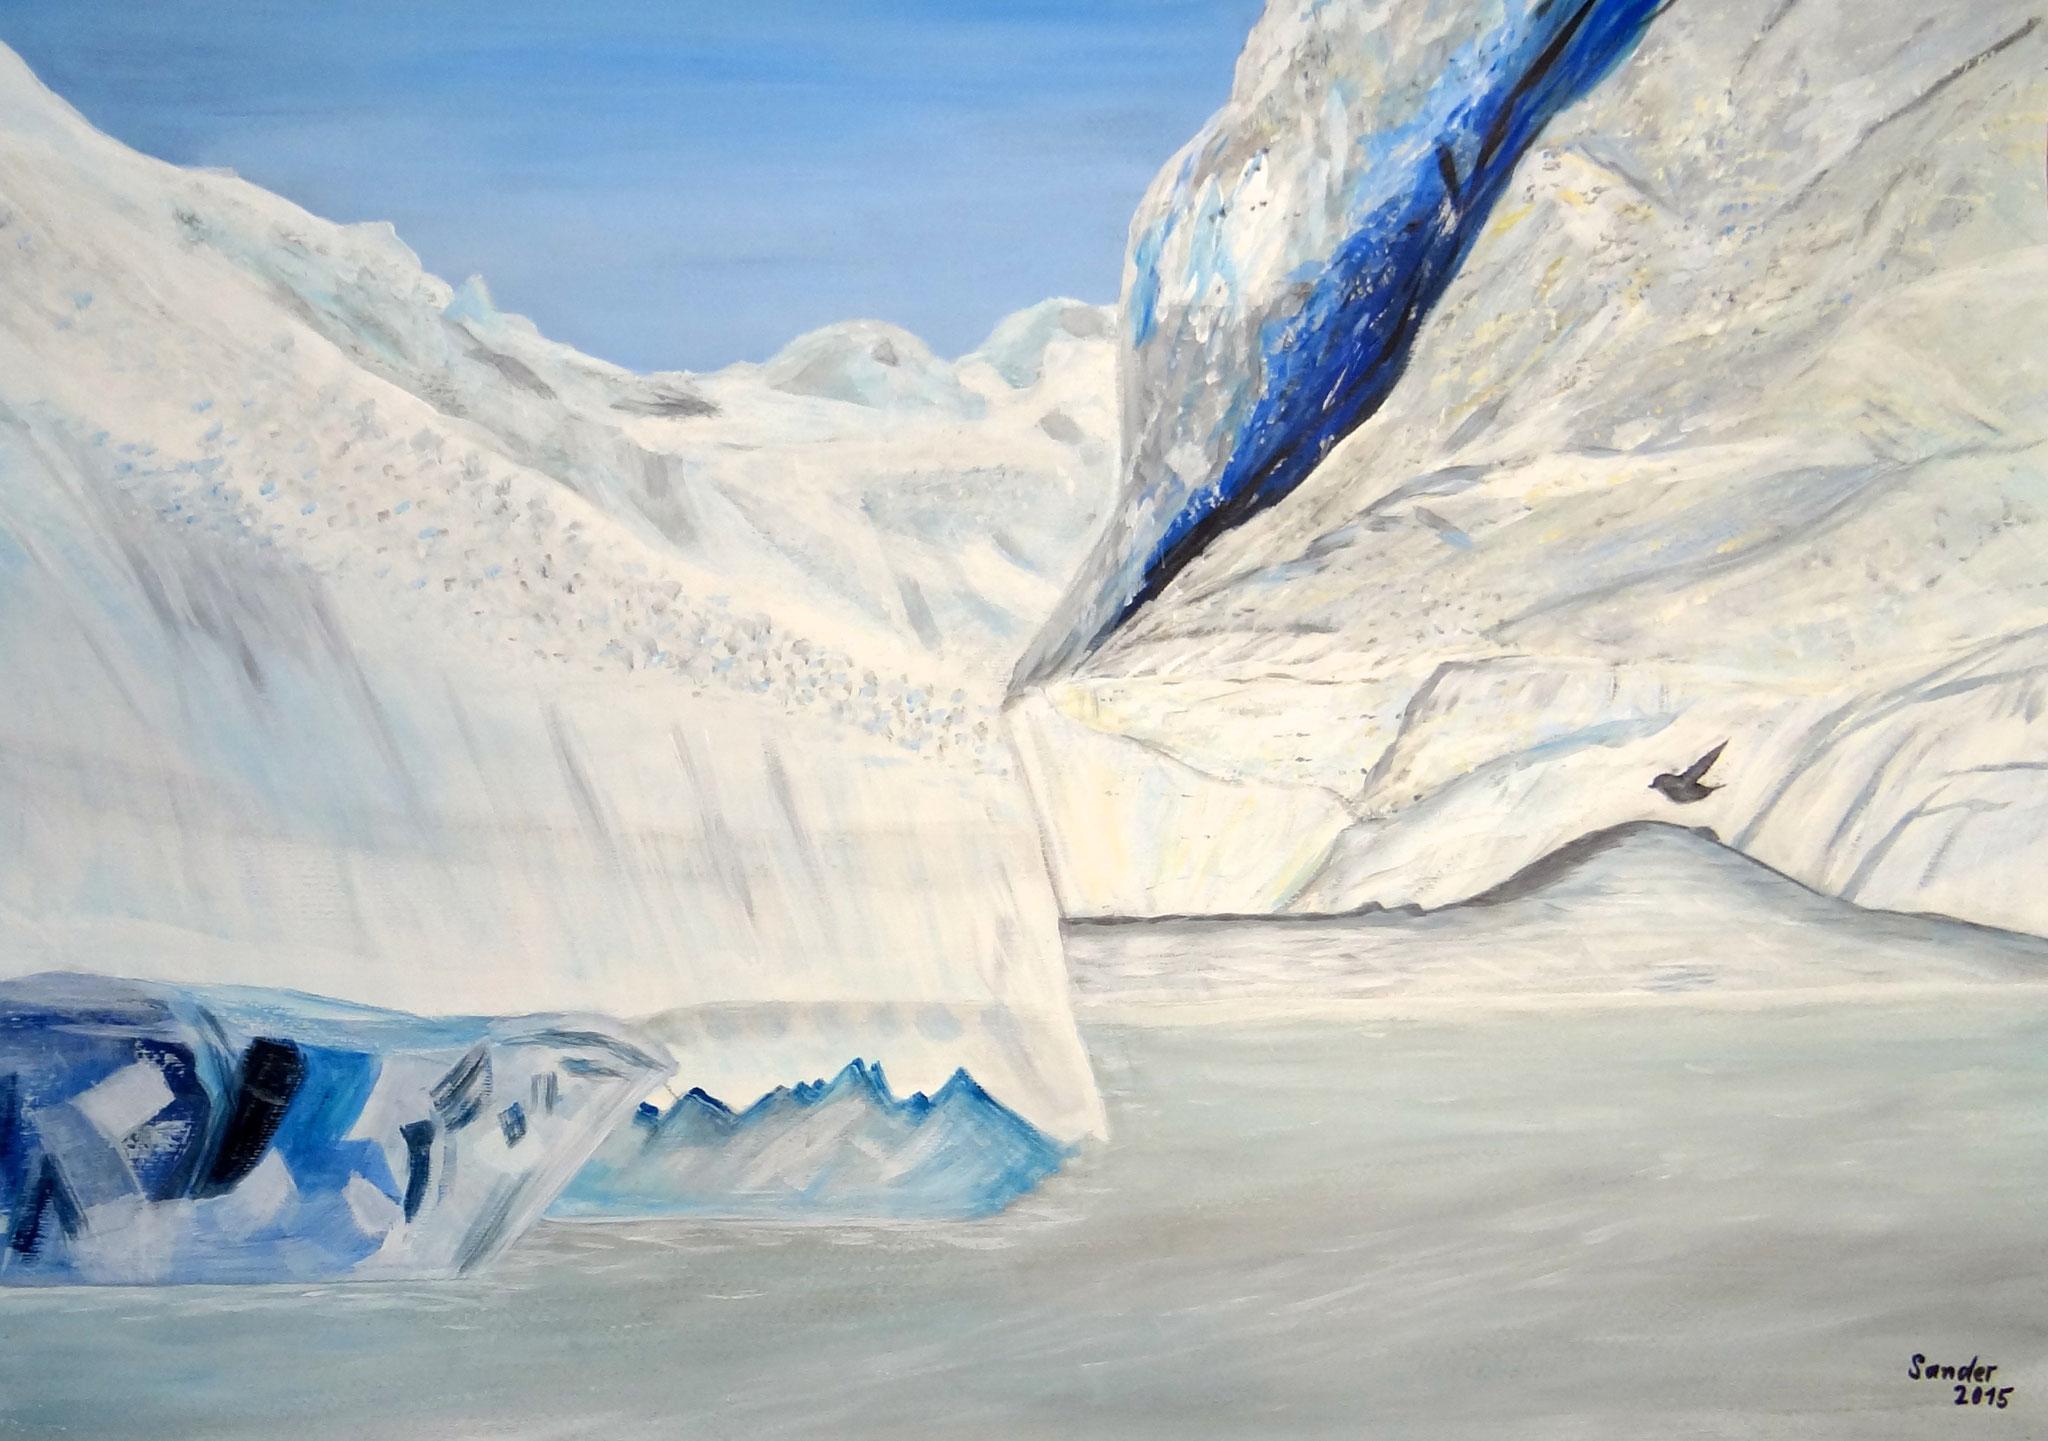 Gletscher 1, 70 x 50 cm, Acrylfarben auf Papier, signiert und datiert 2015